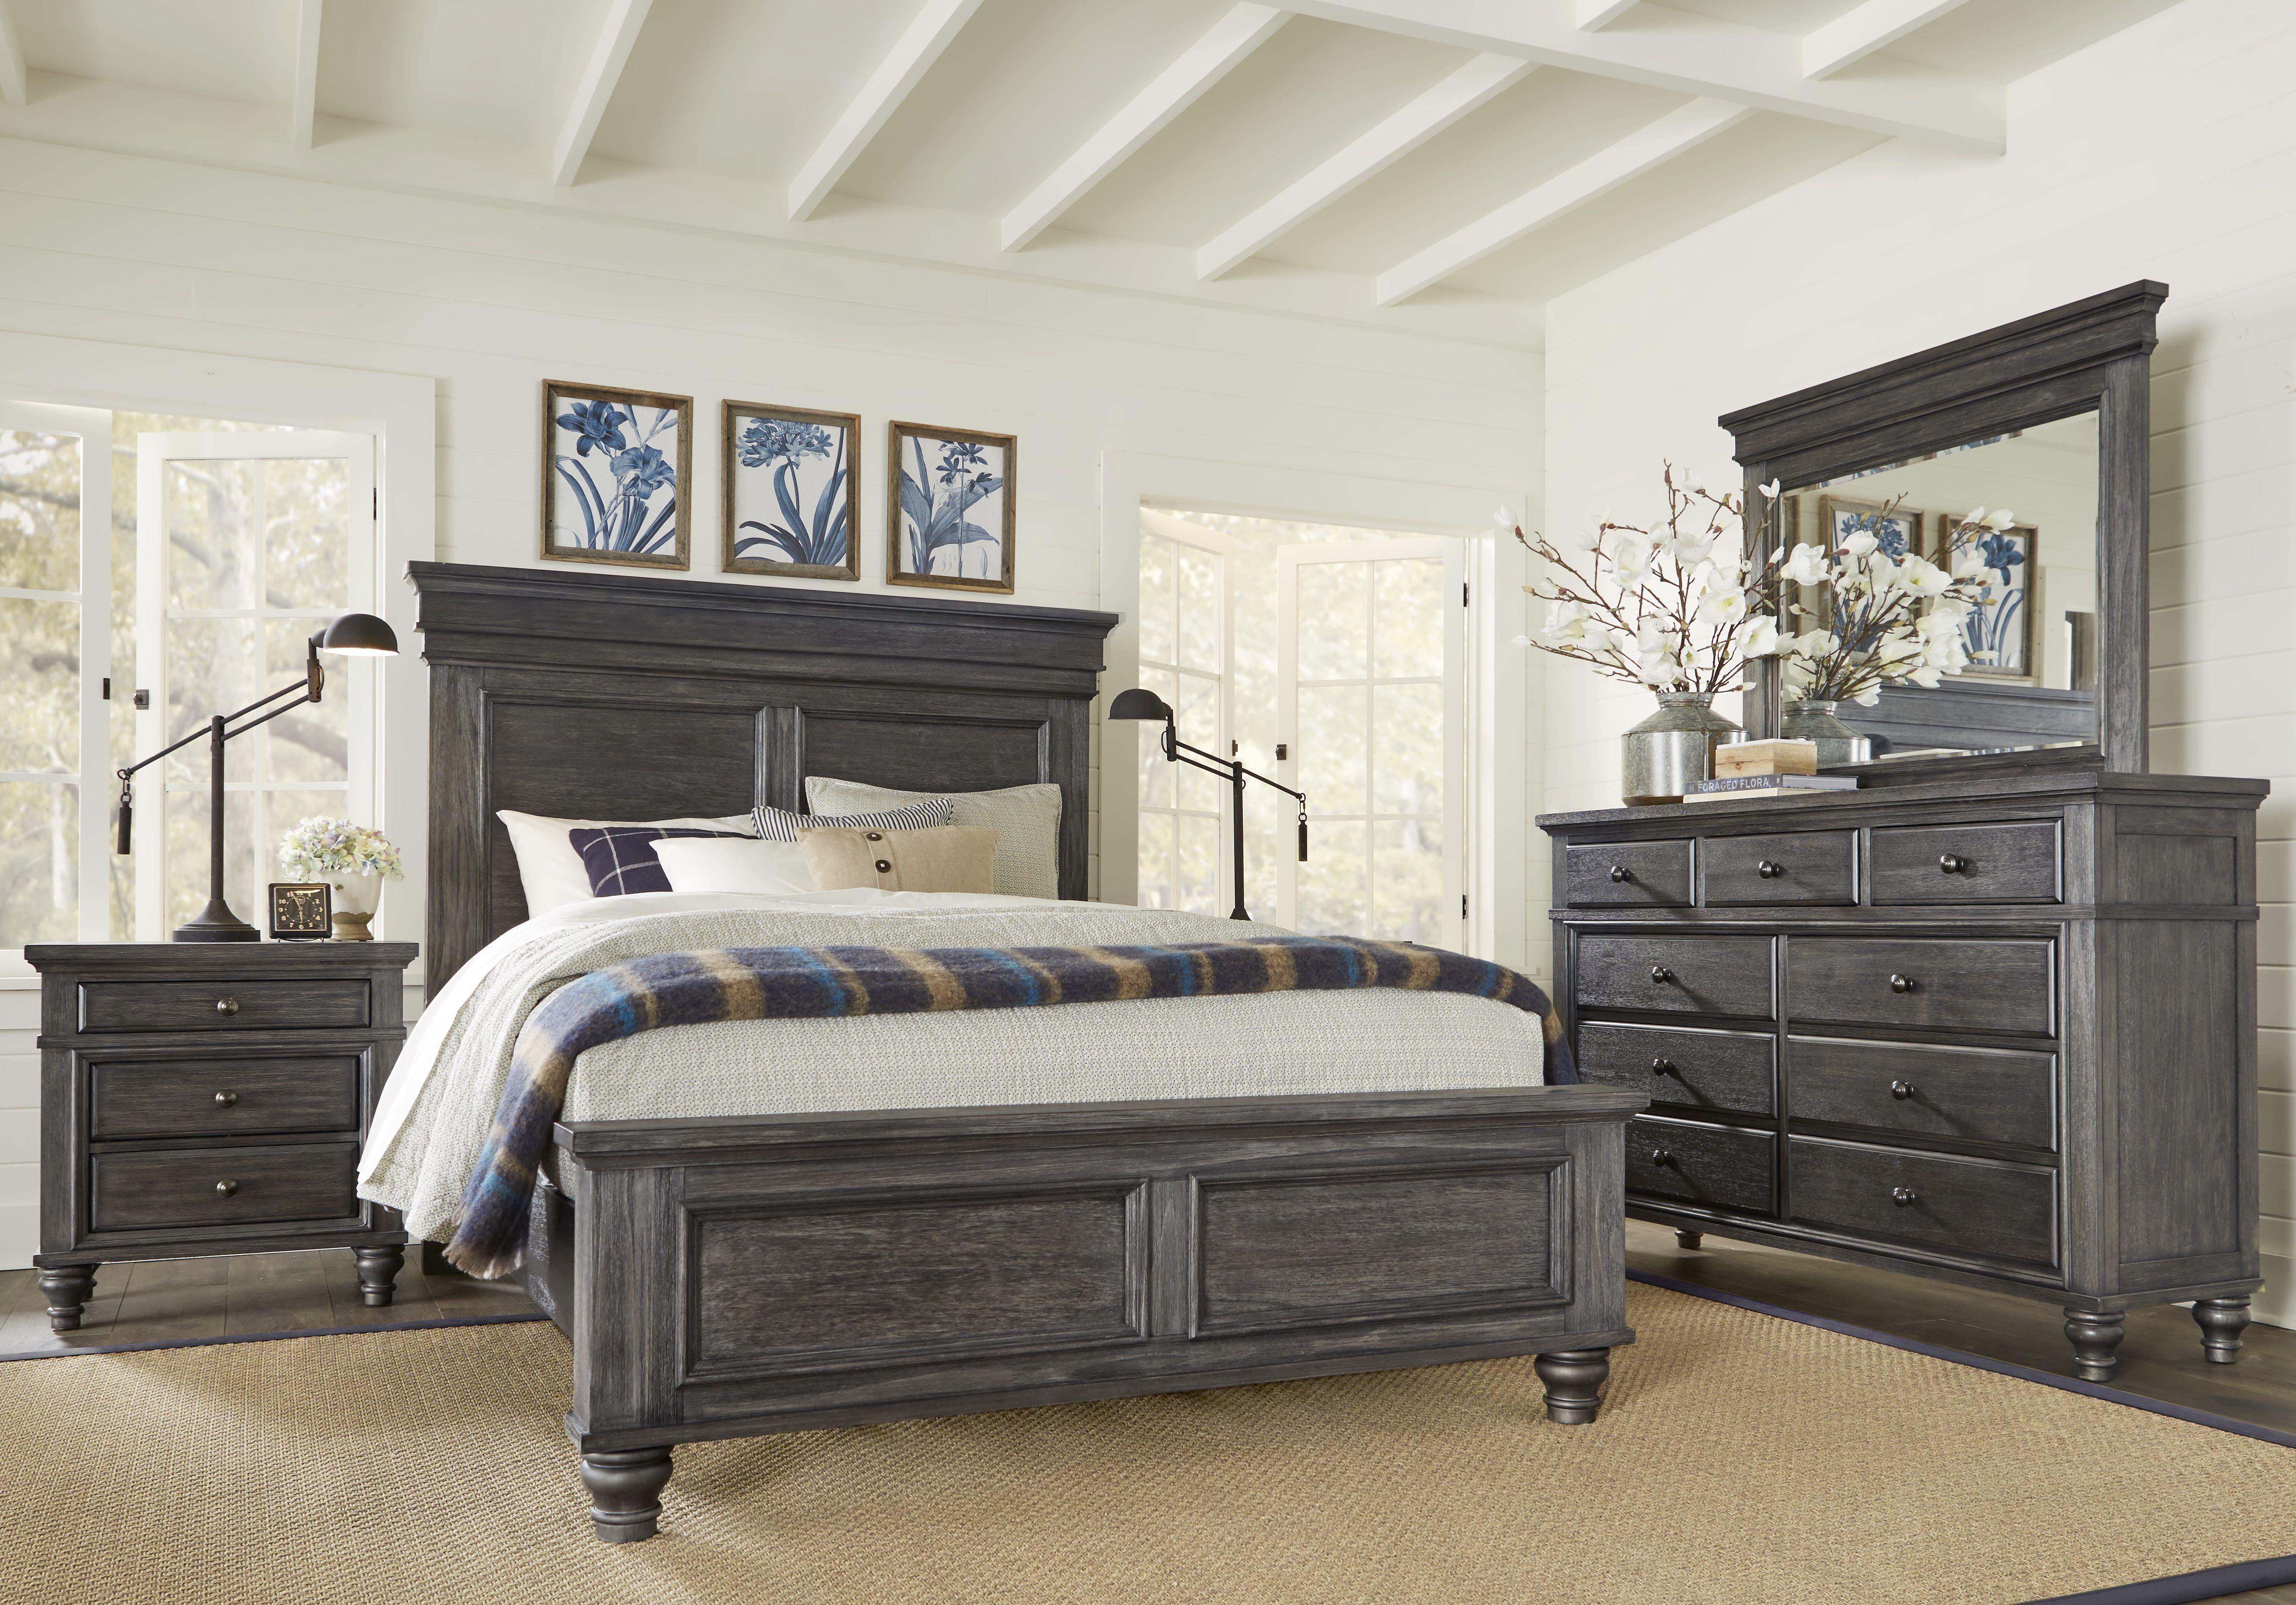 Bedroom Sets For Sale Bamboo Bedroom Furniture Queen Bed Frame And Dresser King Bedroom Sets Bedroom Sets Queen Bedroom Sets Furniture Queen